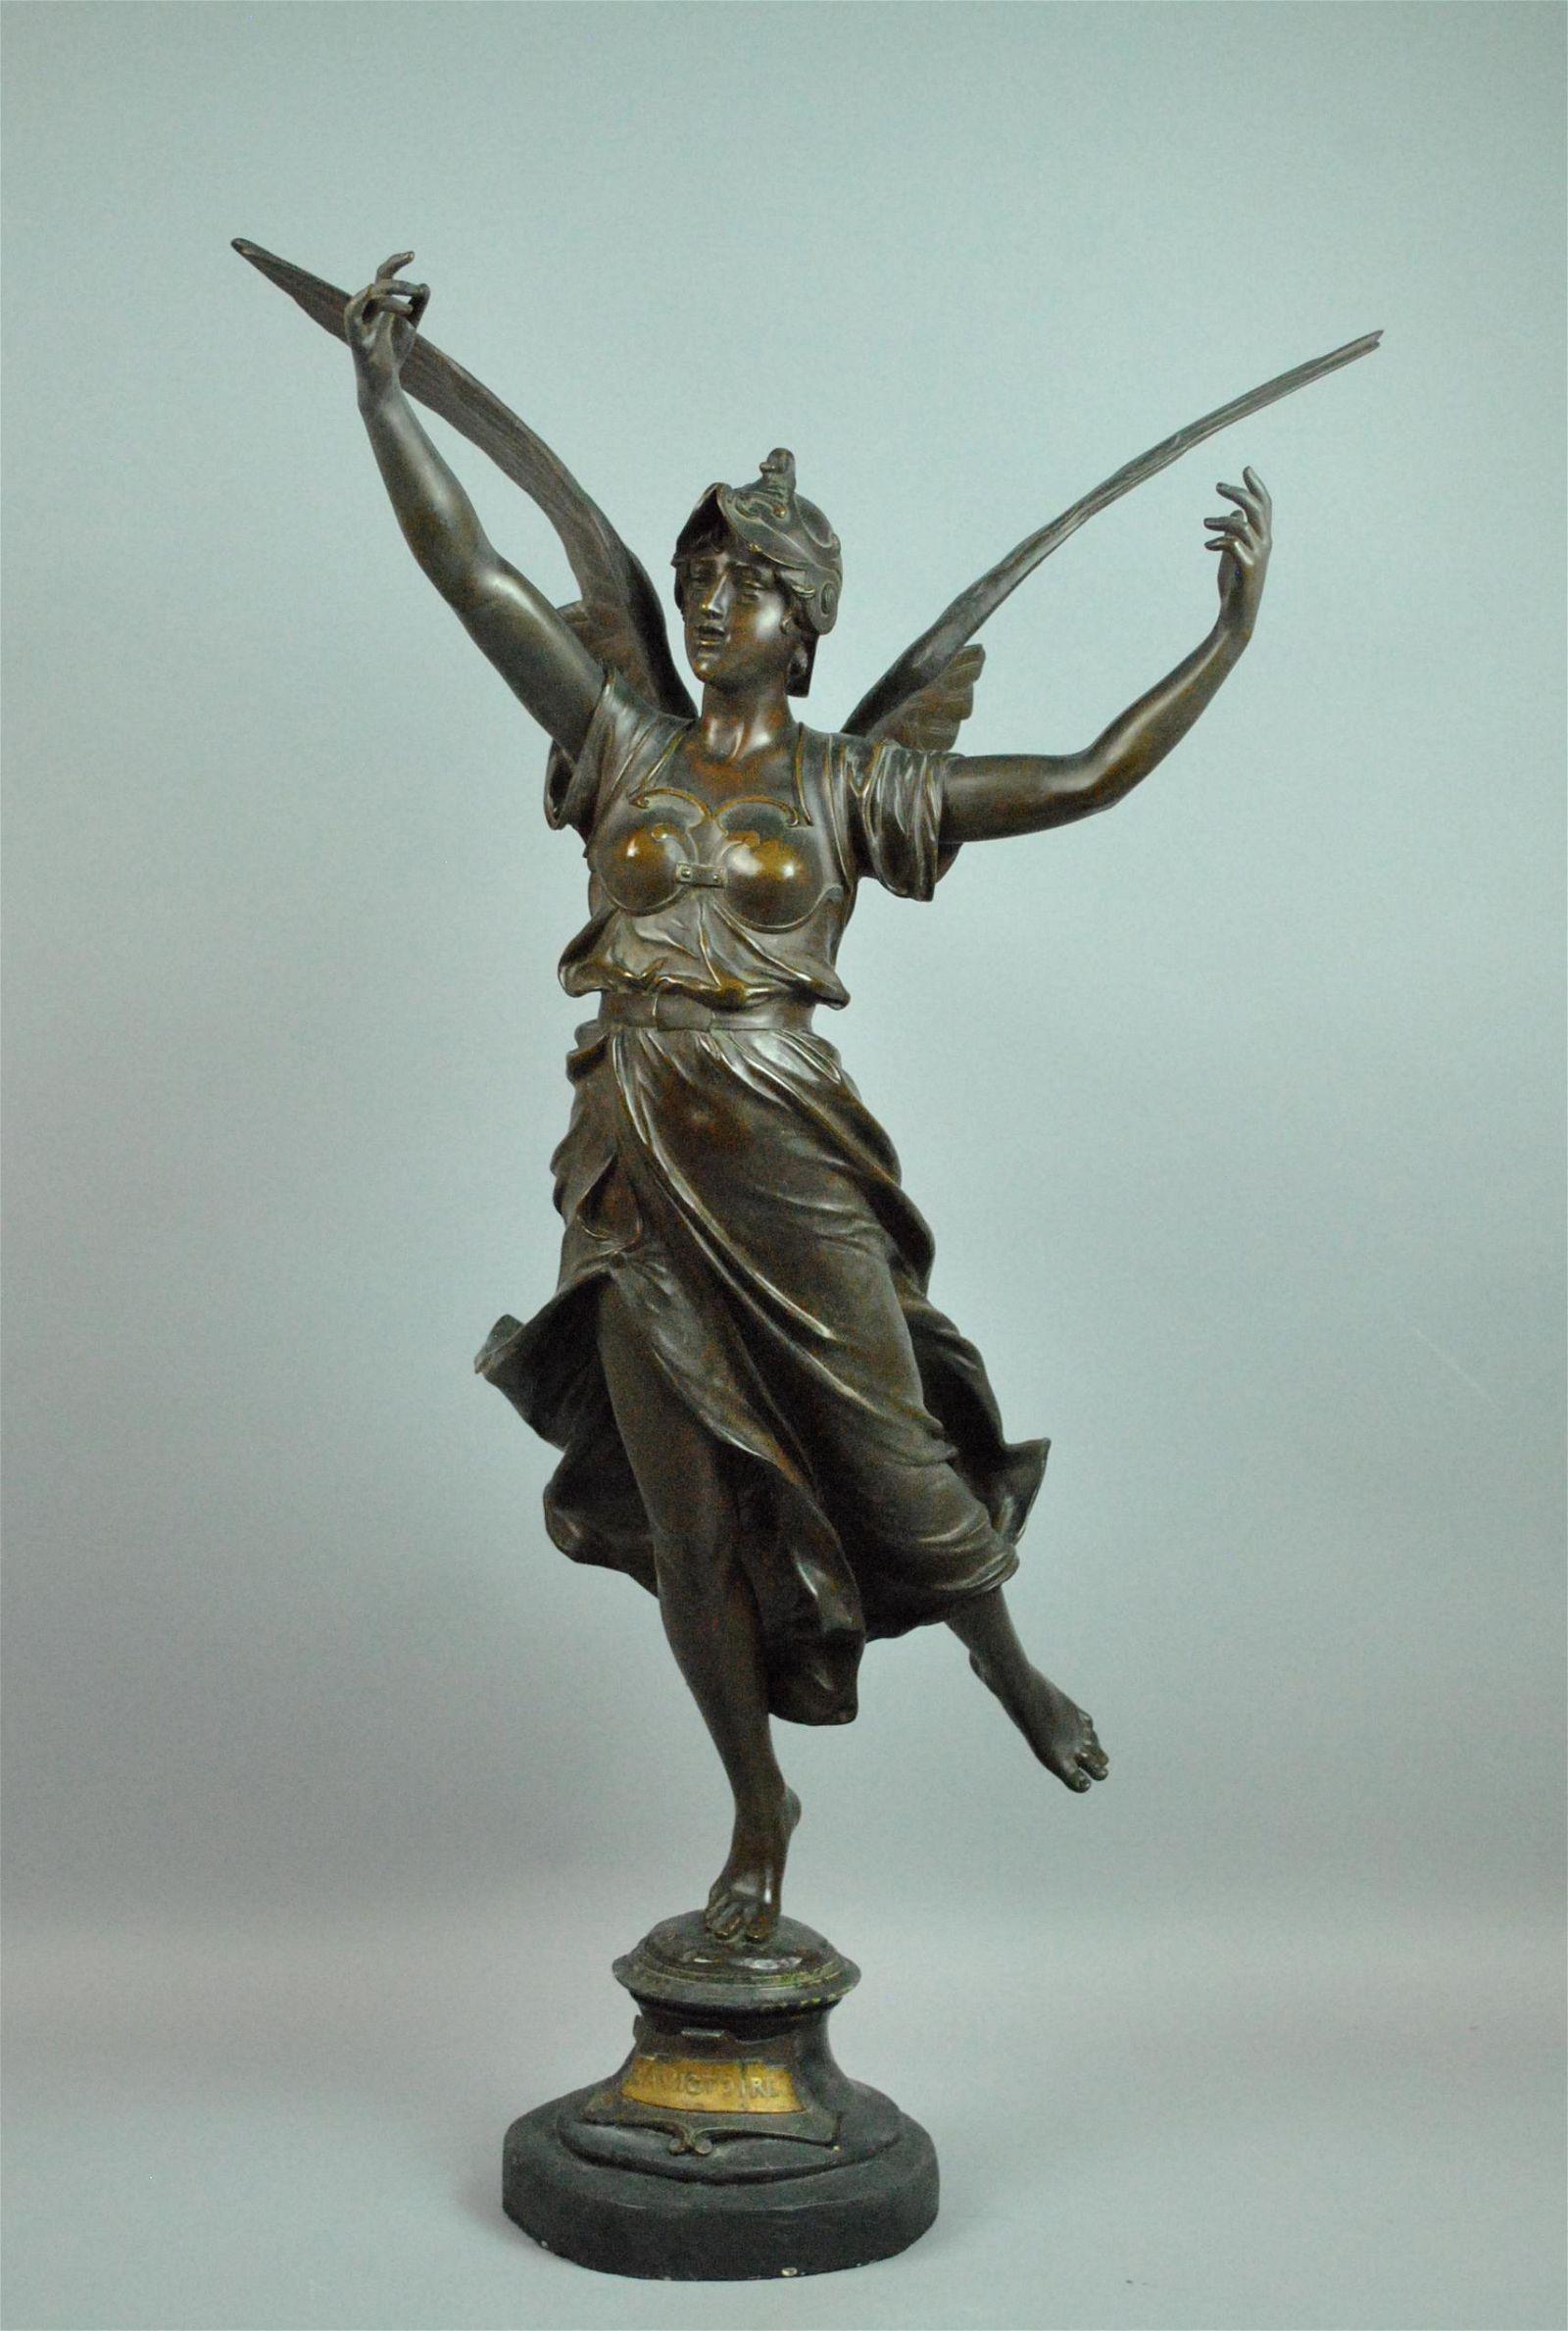 EUGENE MARIOTON (French, 1857-1933)